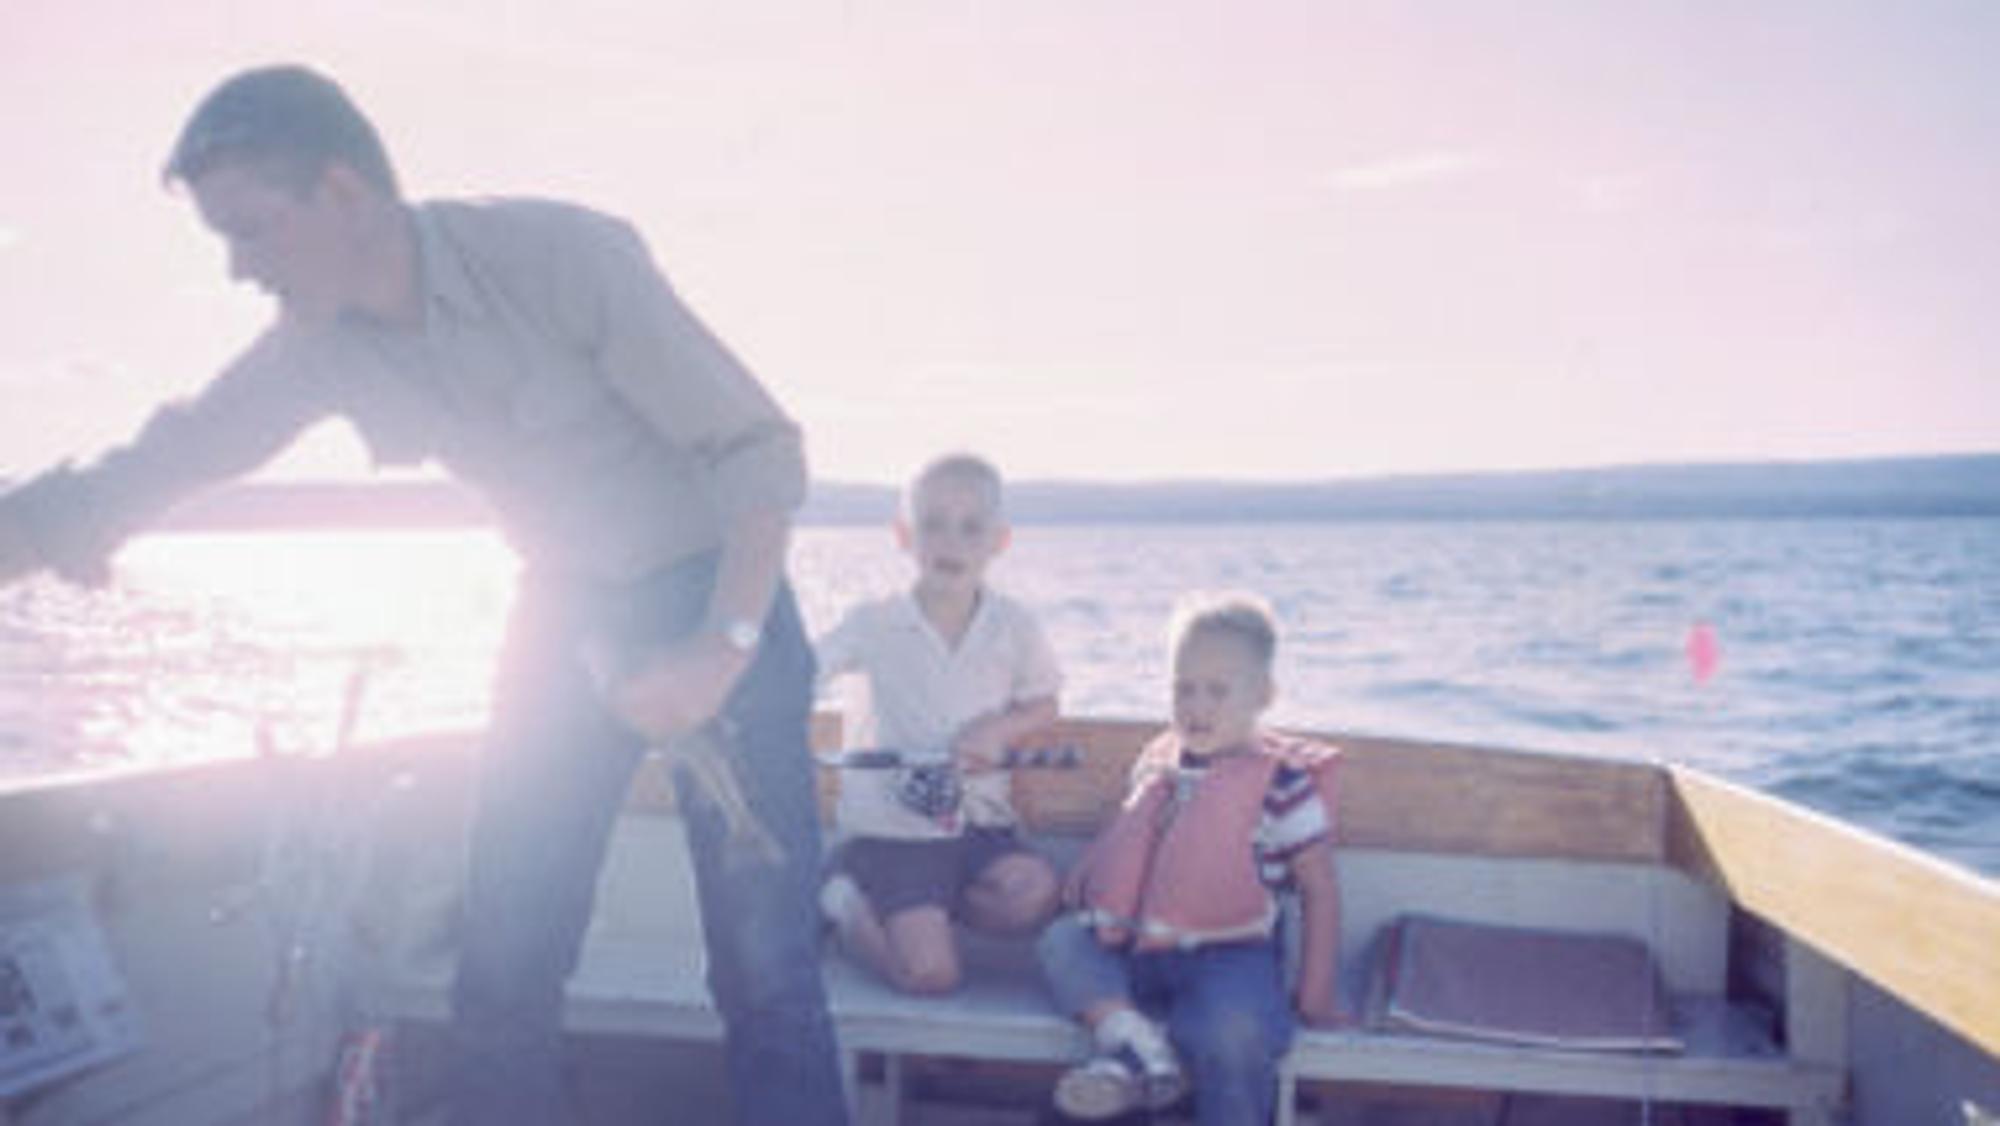 Vater sitzt auf einem Boot mit seinen zwei Söhnen